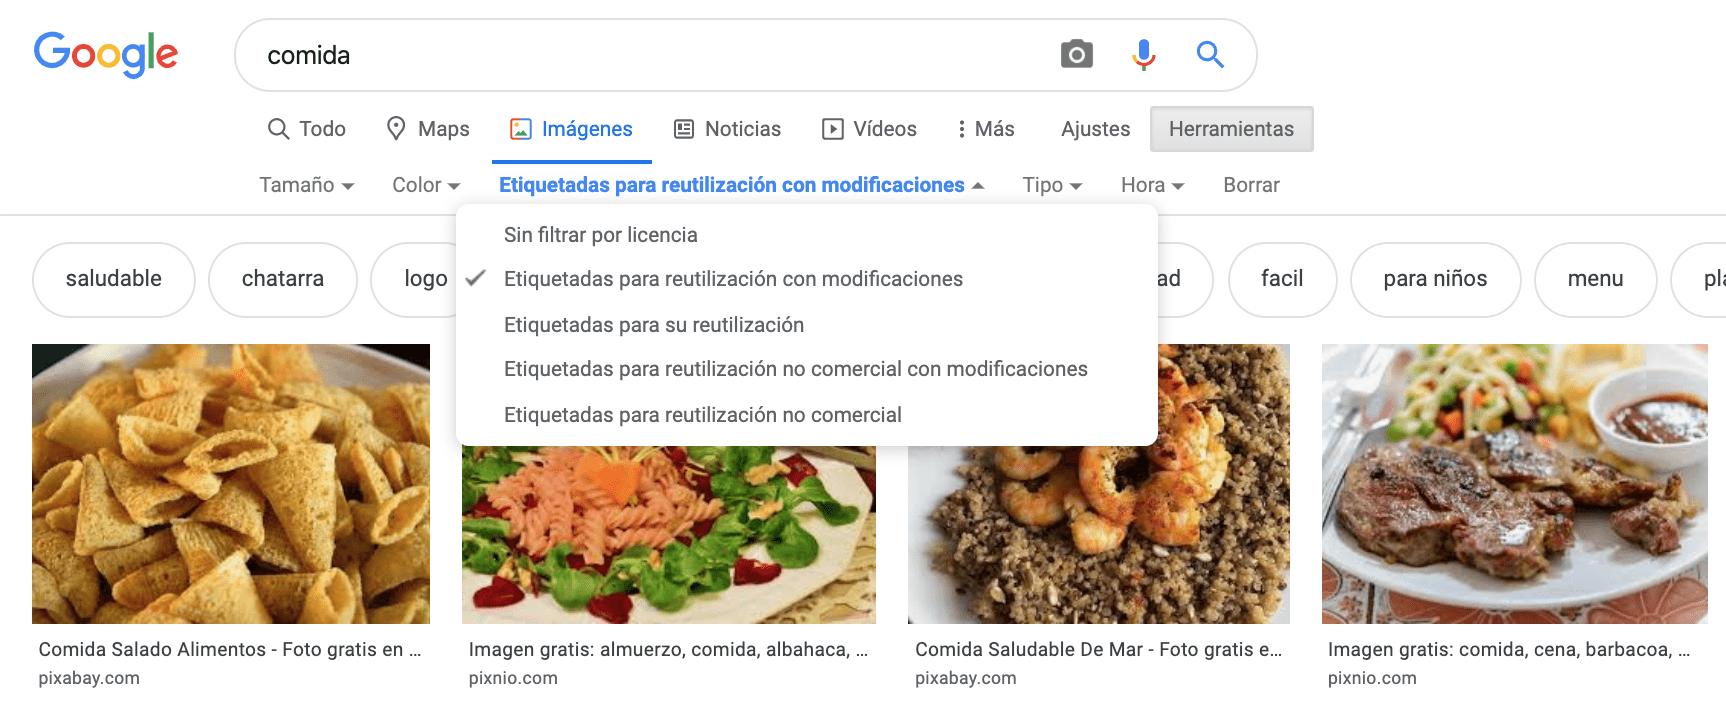 Captura de pantalla de la web google imágenes para encontrar imágenes etiquetadas para reutilización con modificaciones